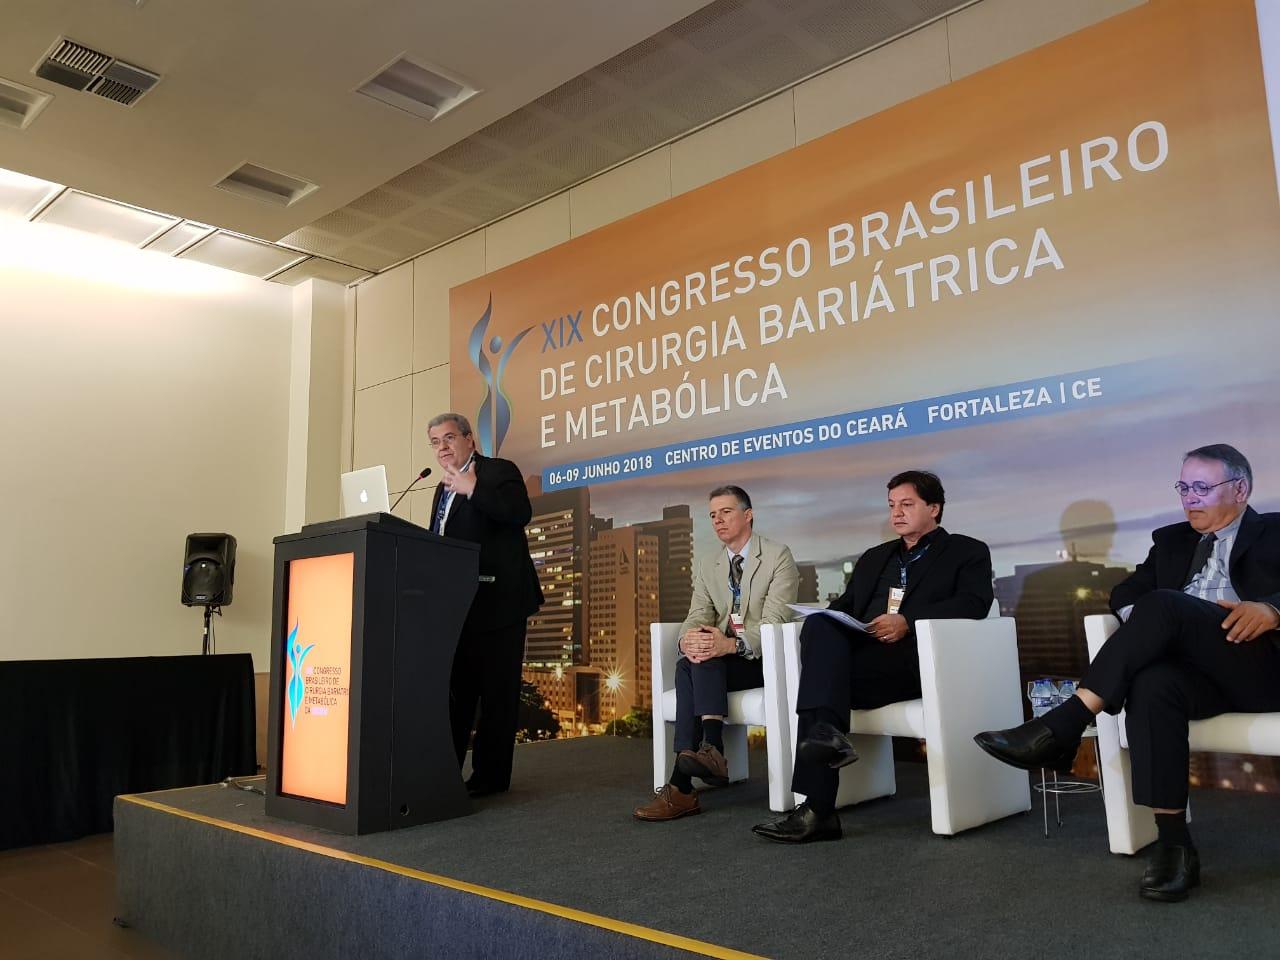 XIX Congresso Brasileiro de Cirurgia Bariátrica e Metabólica da SBCBM